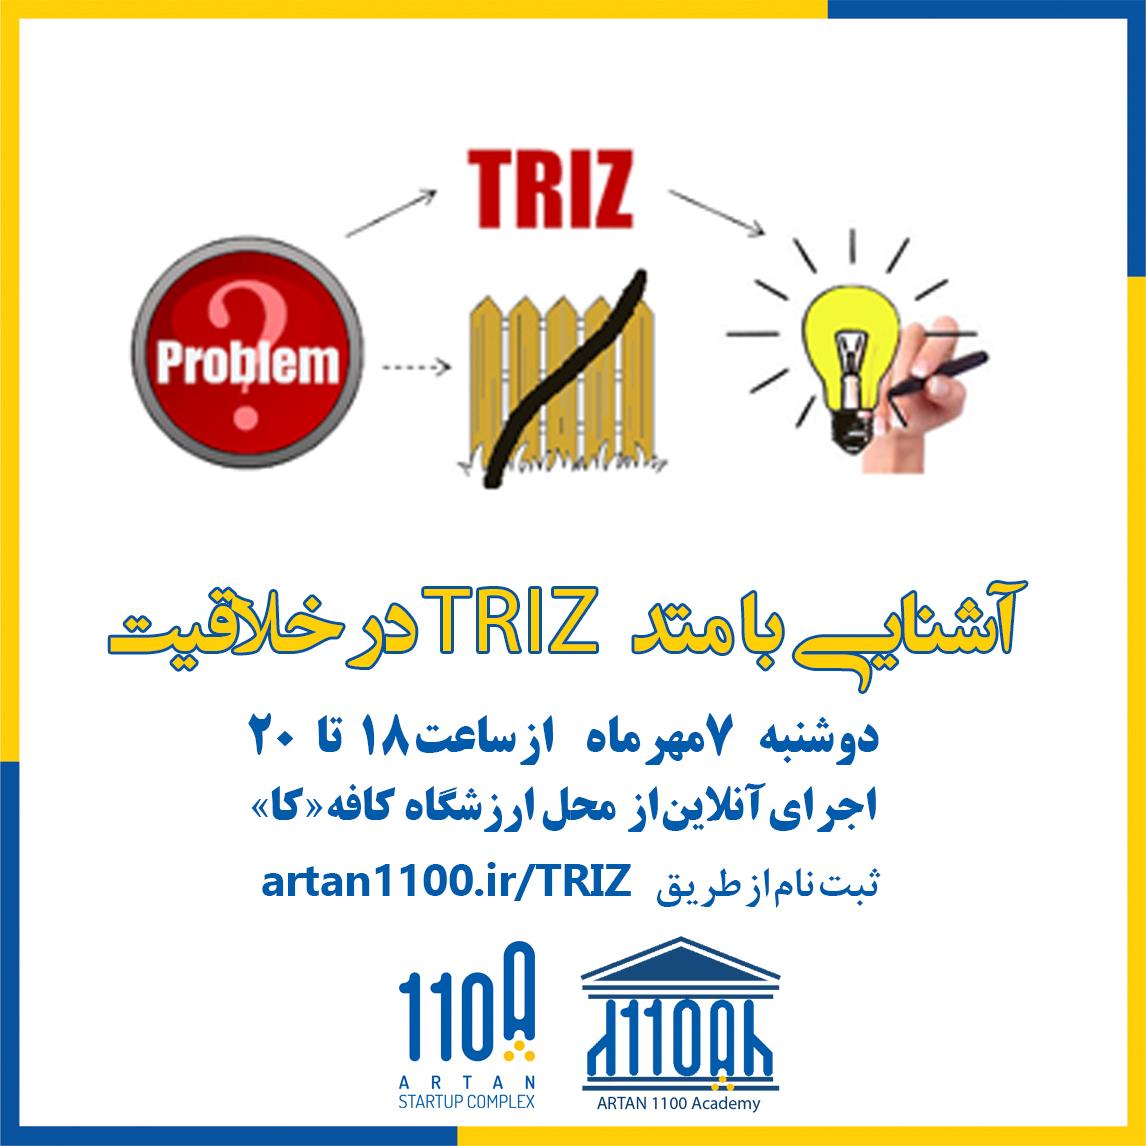 رويداد آشنايي با TRIZ